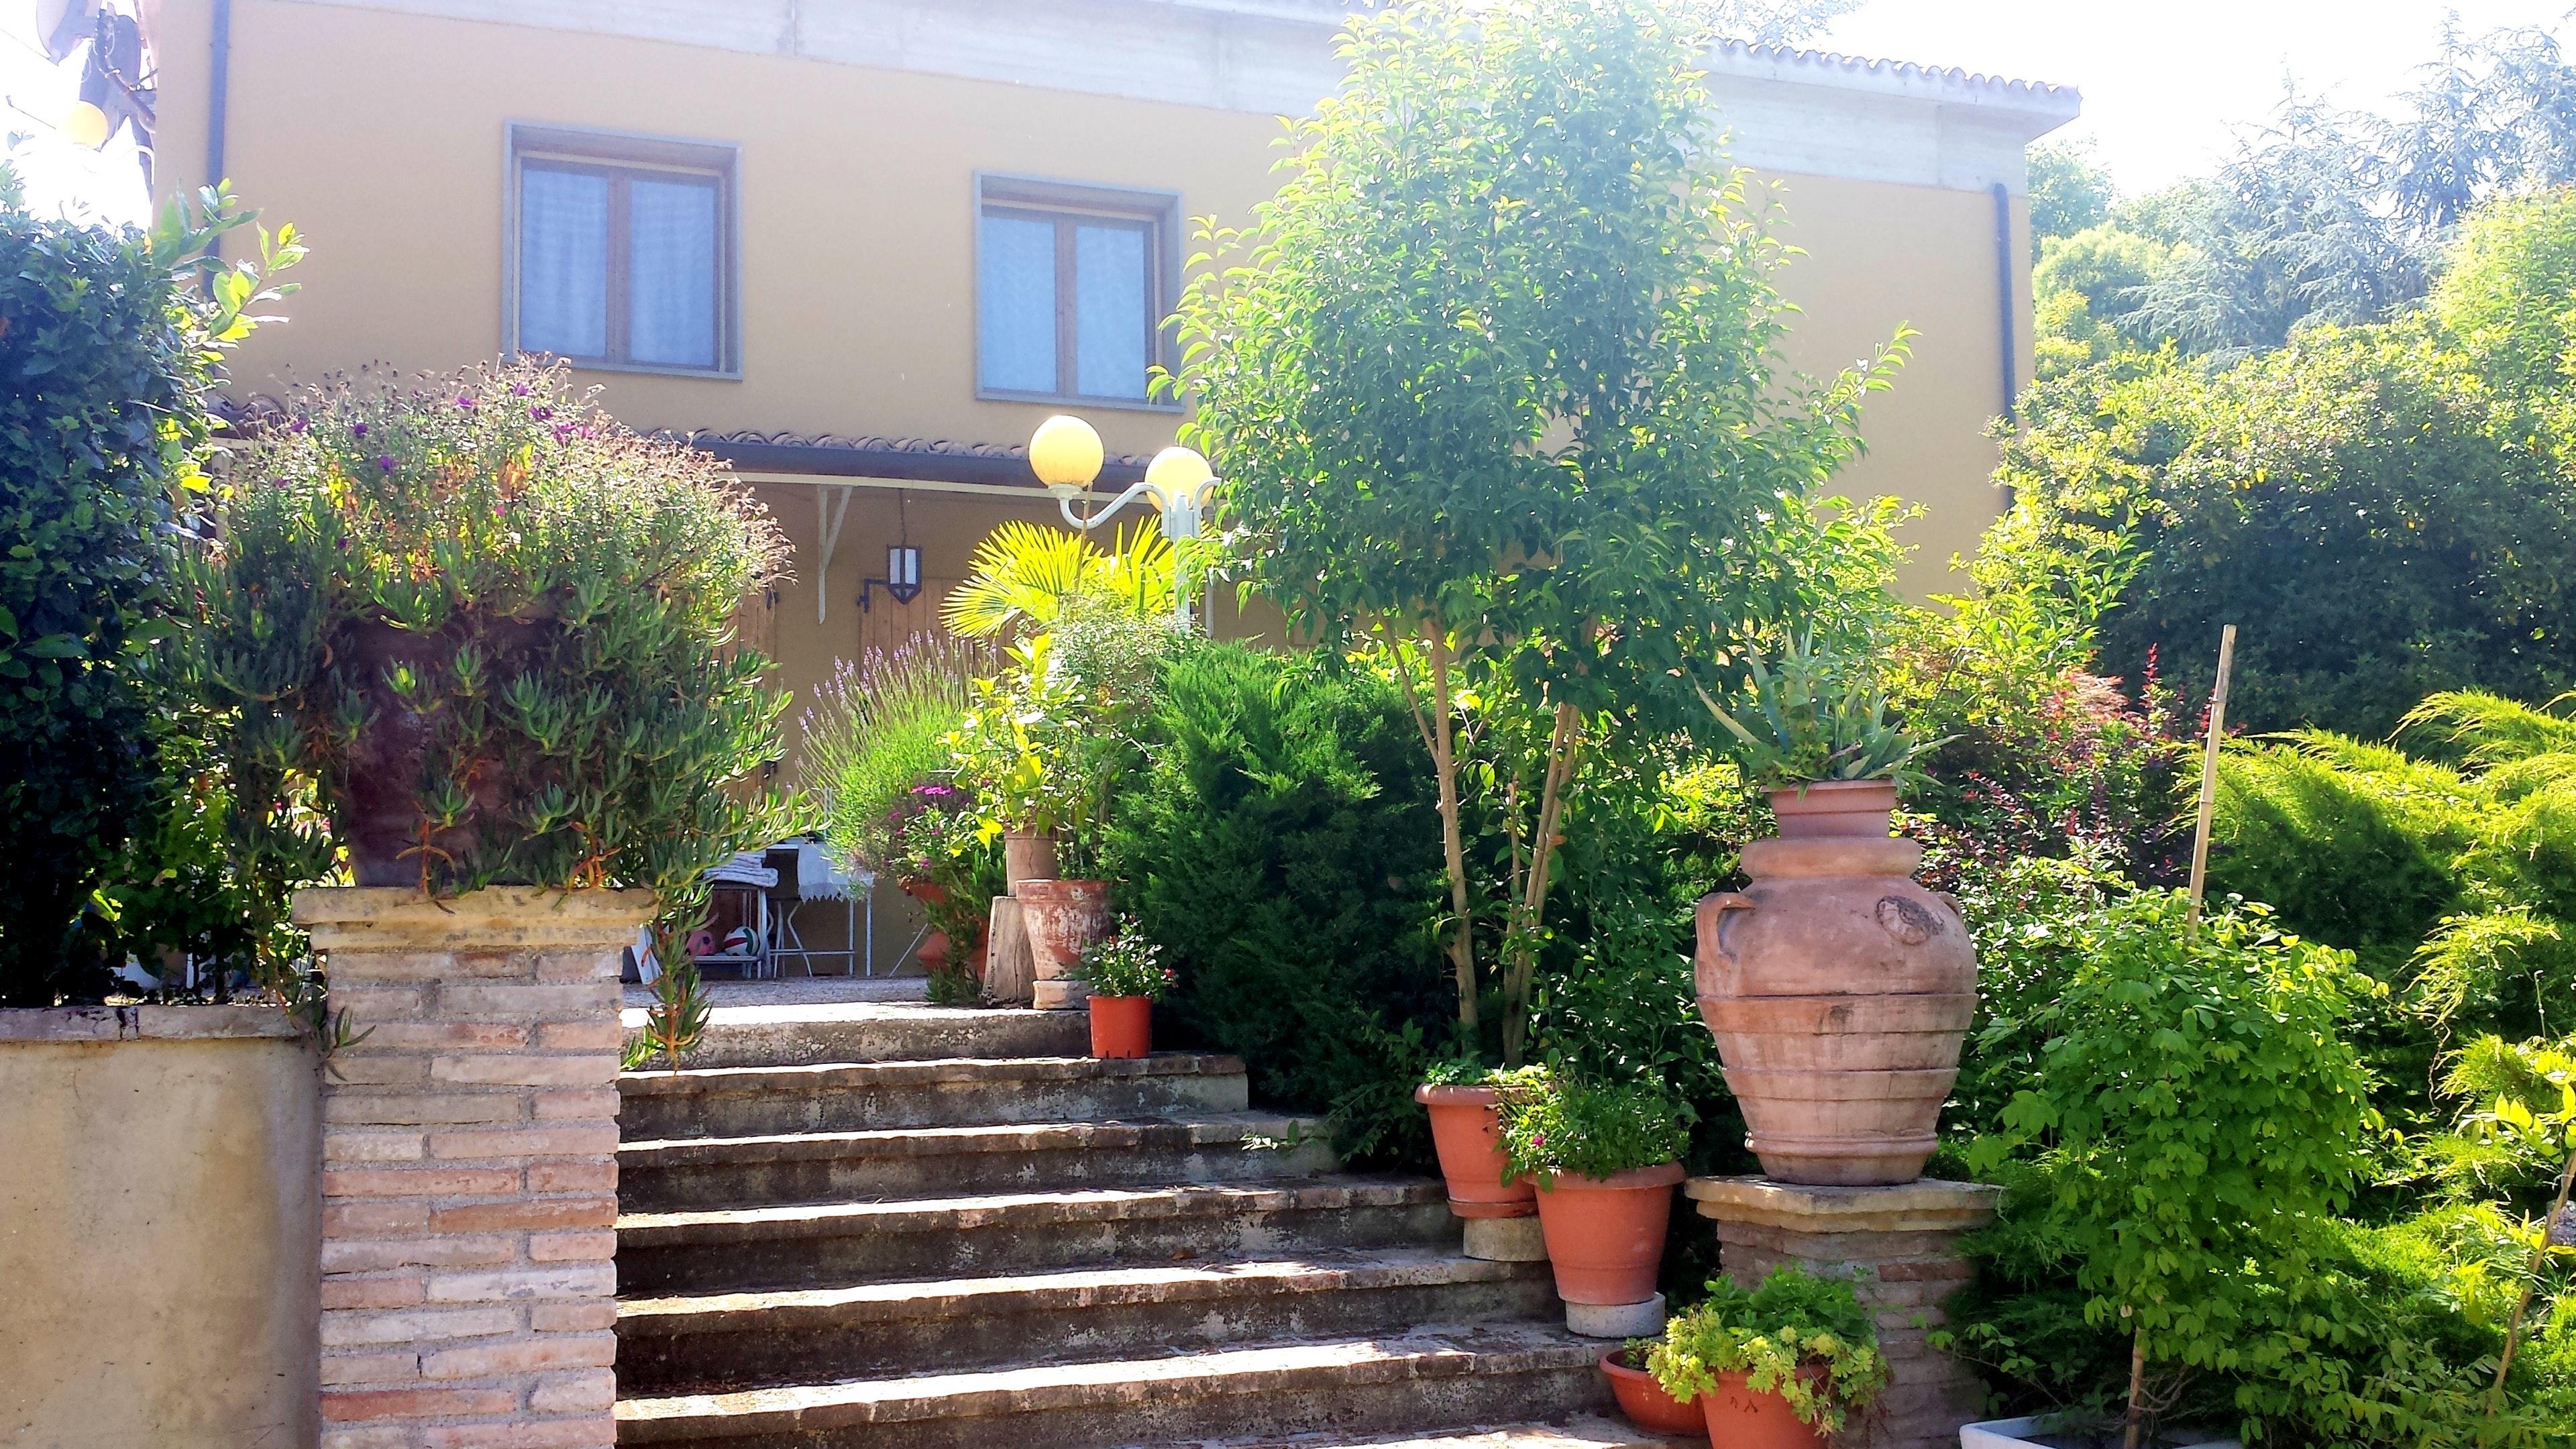 Ferienwohnung Wohnung mit 3 Schlafzimmern in Pesaro mit Pool, eingezäuntem Garten und W-LAN - 4 km vom S (2339355), Pesaro, Pesaro und Urbino, Marken, Italien, Bild 17